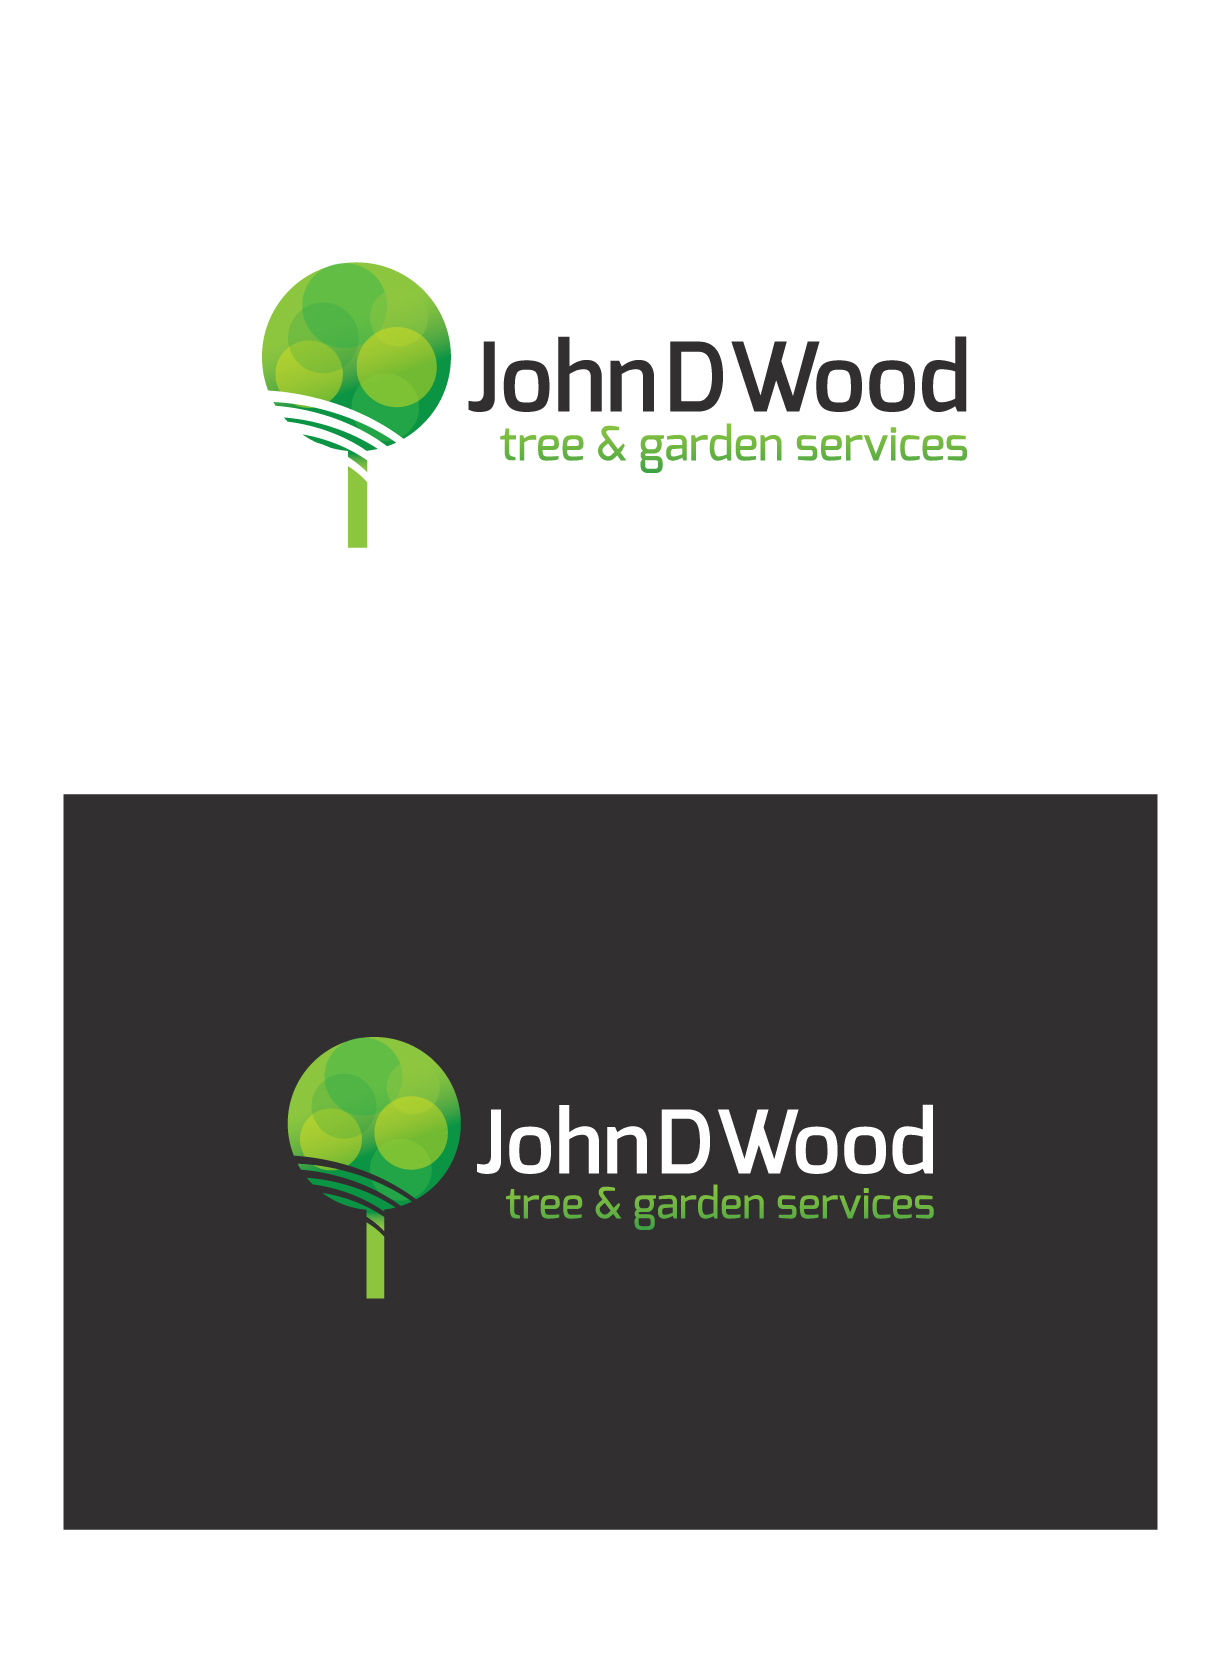 Logo Design By CanDoDesign For Tree U0026 Garden Services Logo   Design #9726255